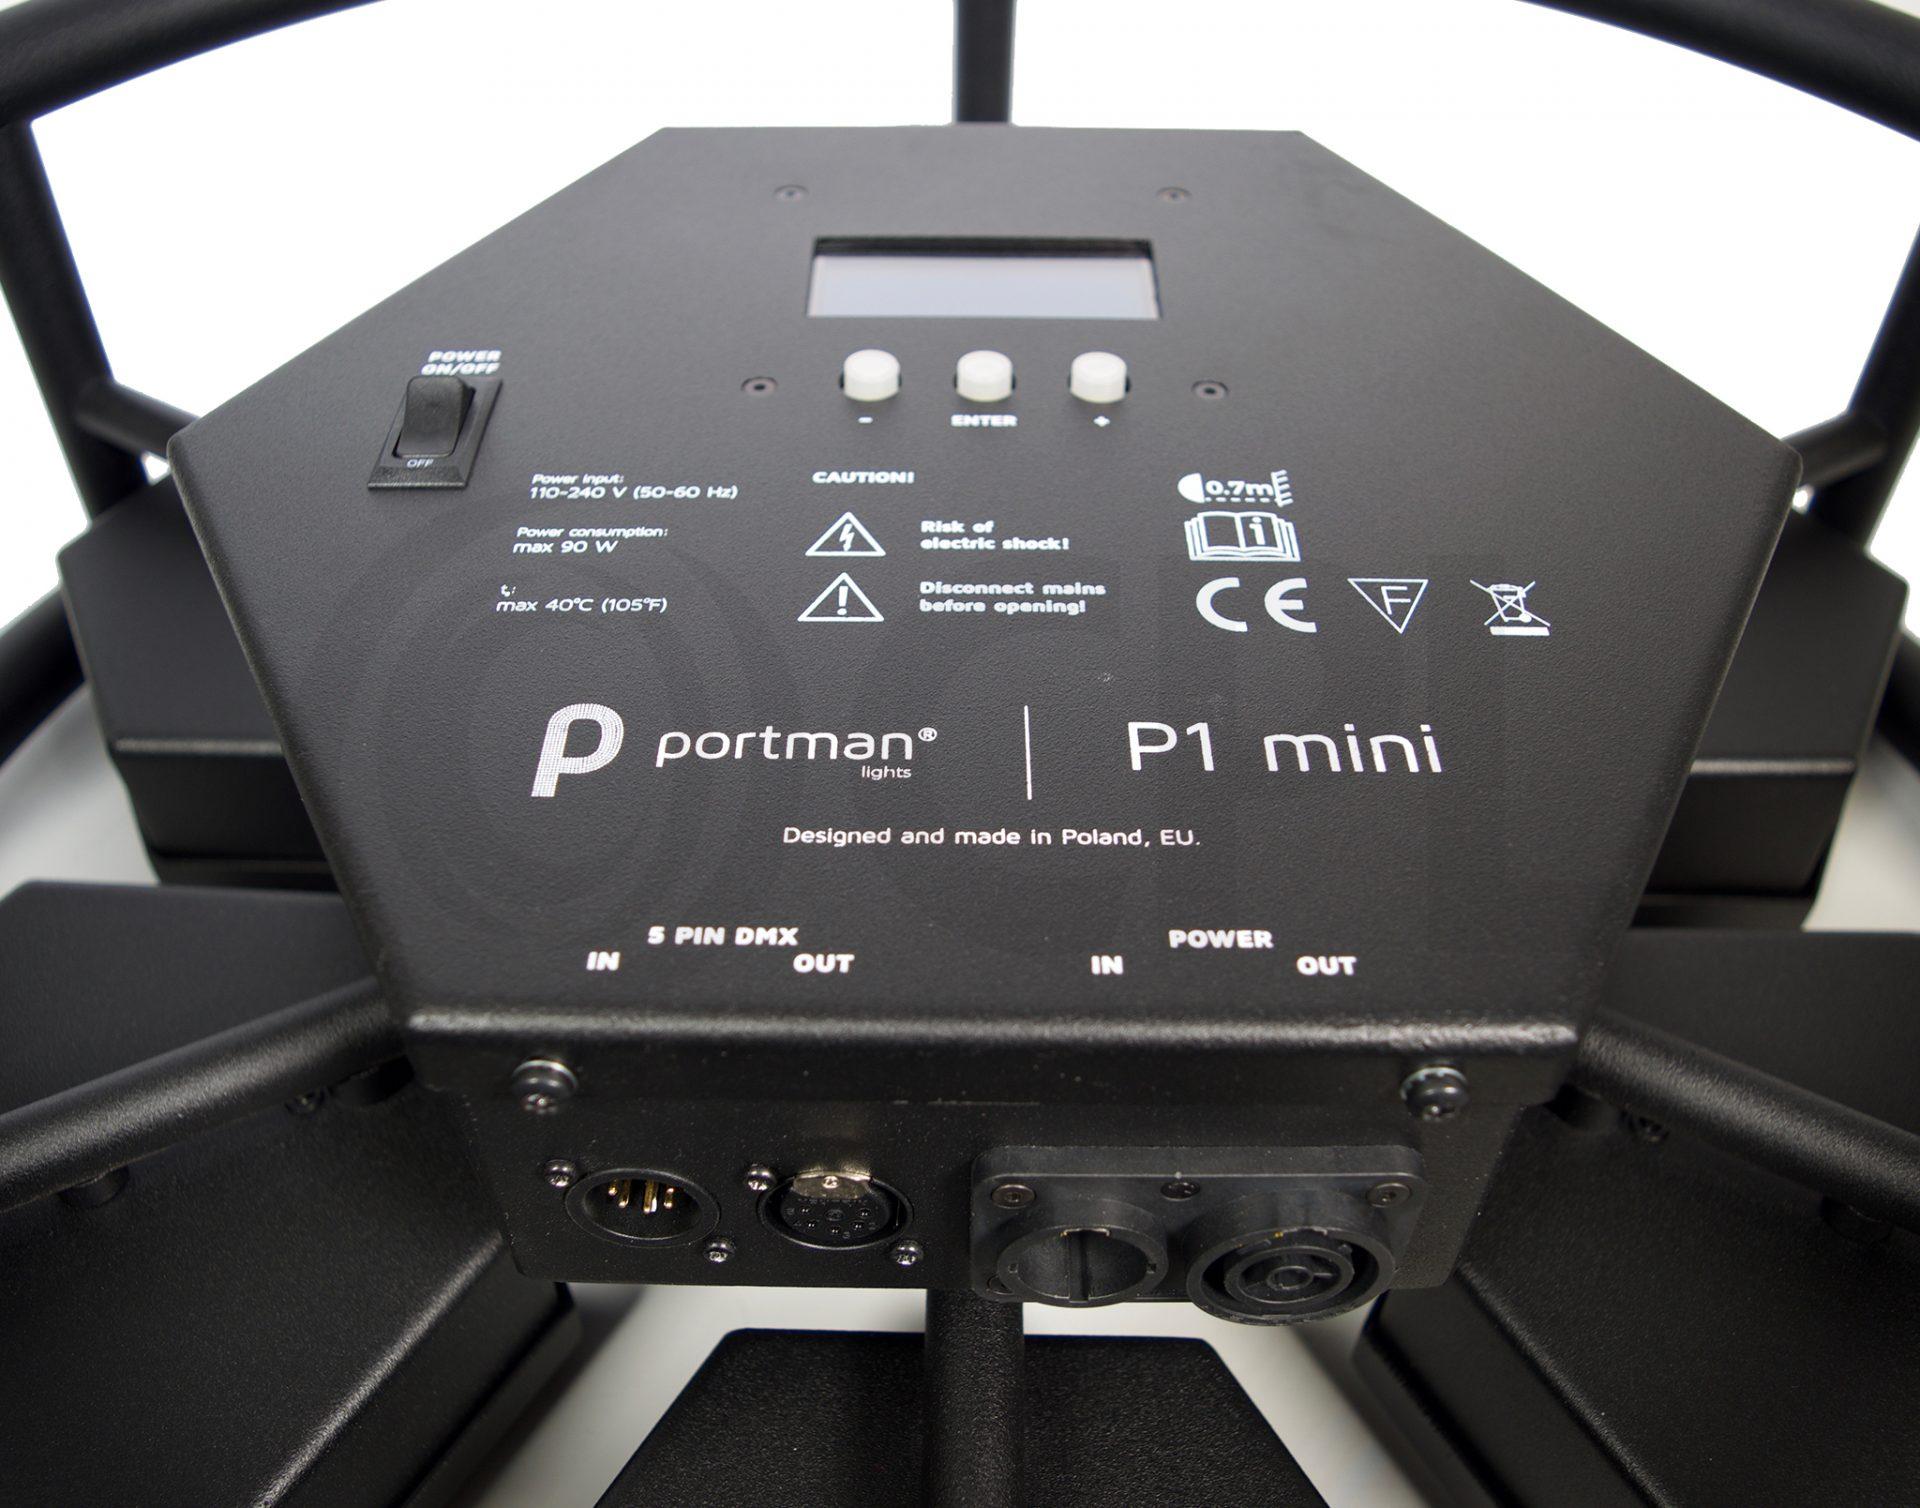 Portman P1 Mini LED Inputs